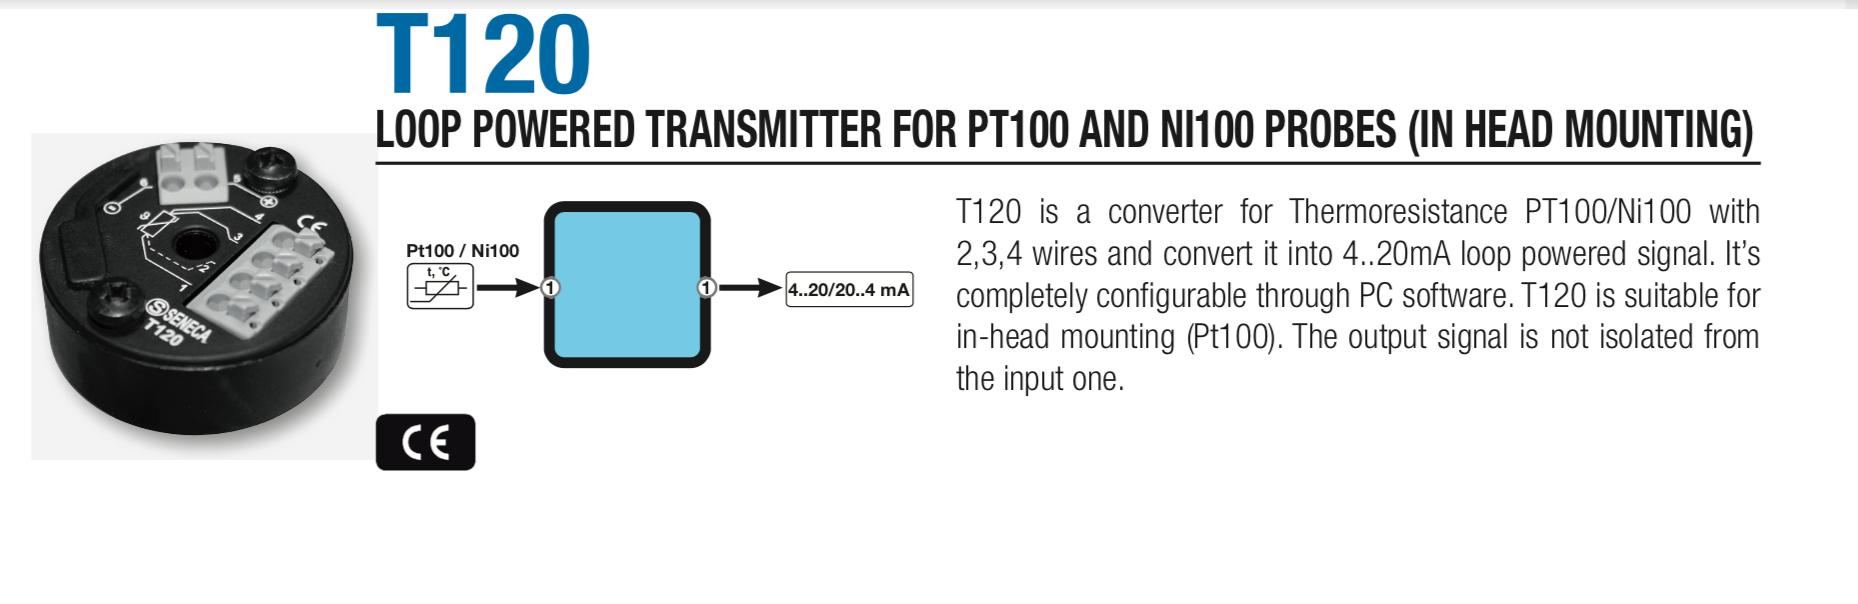 Bộ chuyển đổi pt100 ra 4-20mA gắn tủ điên